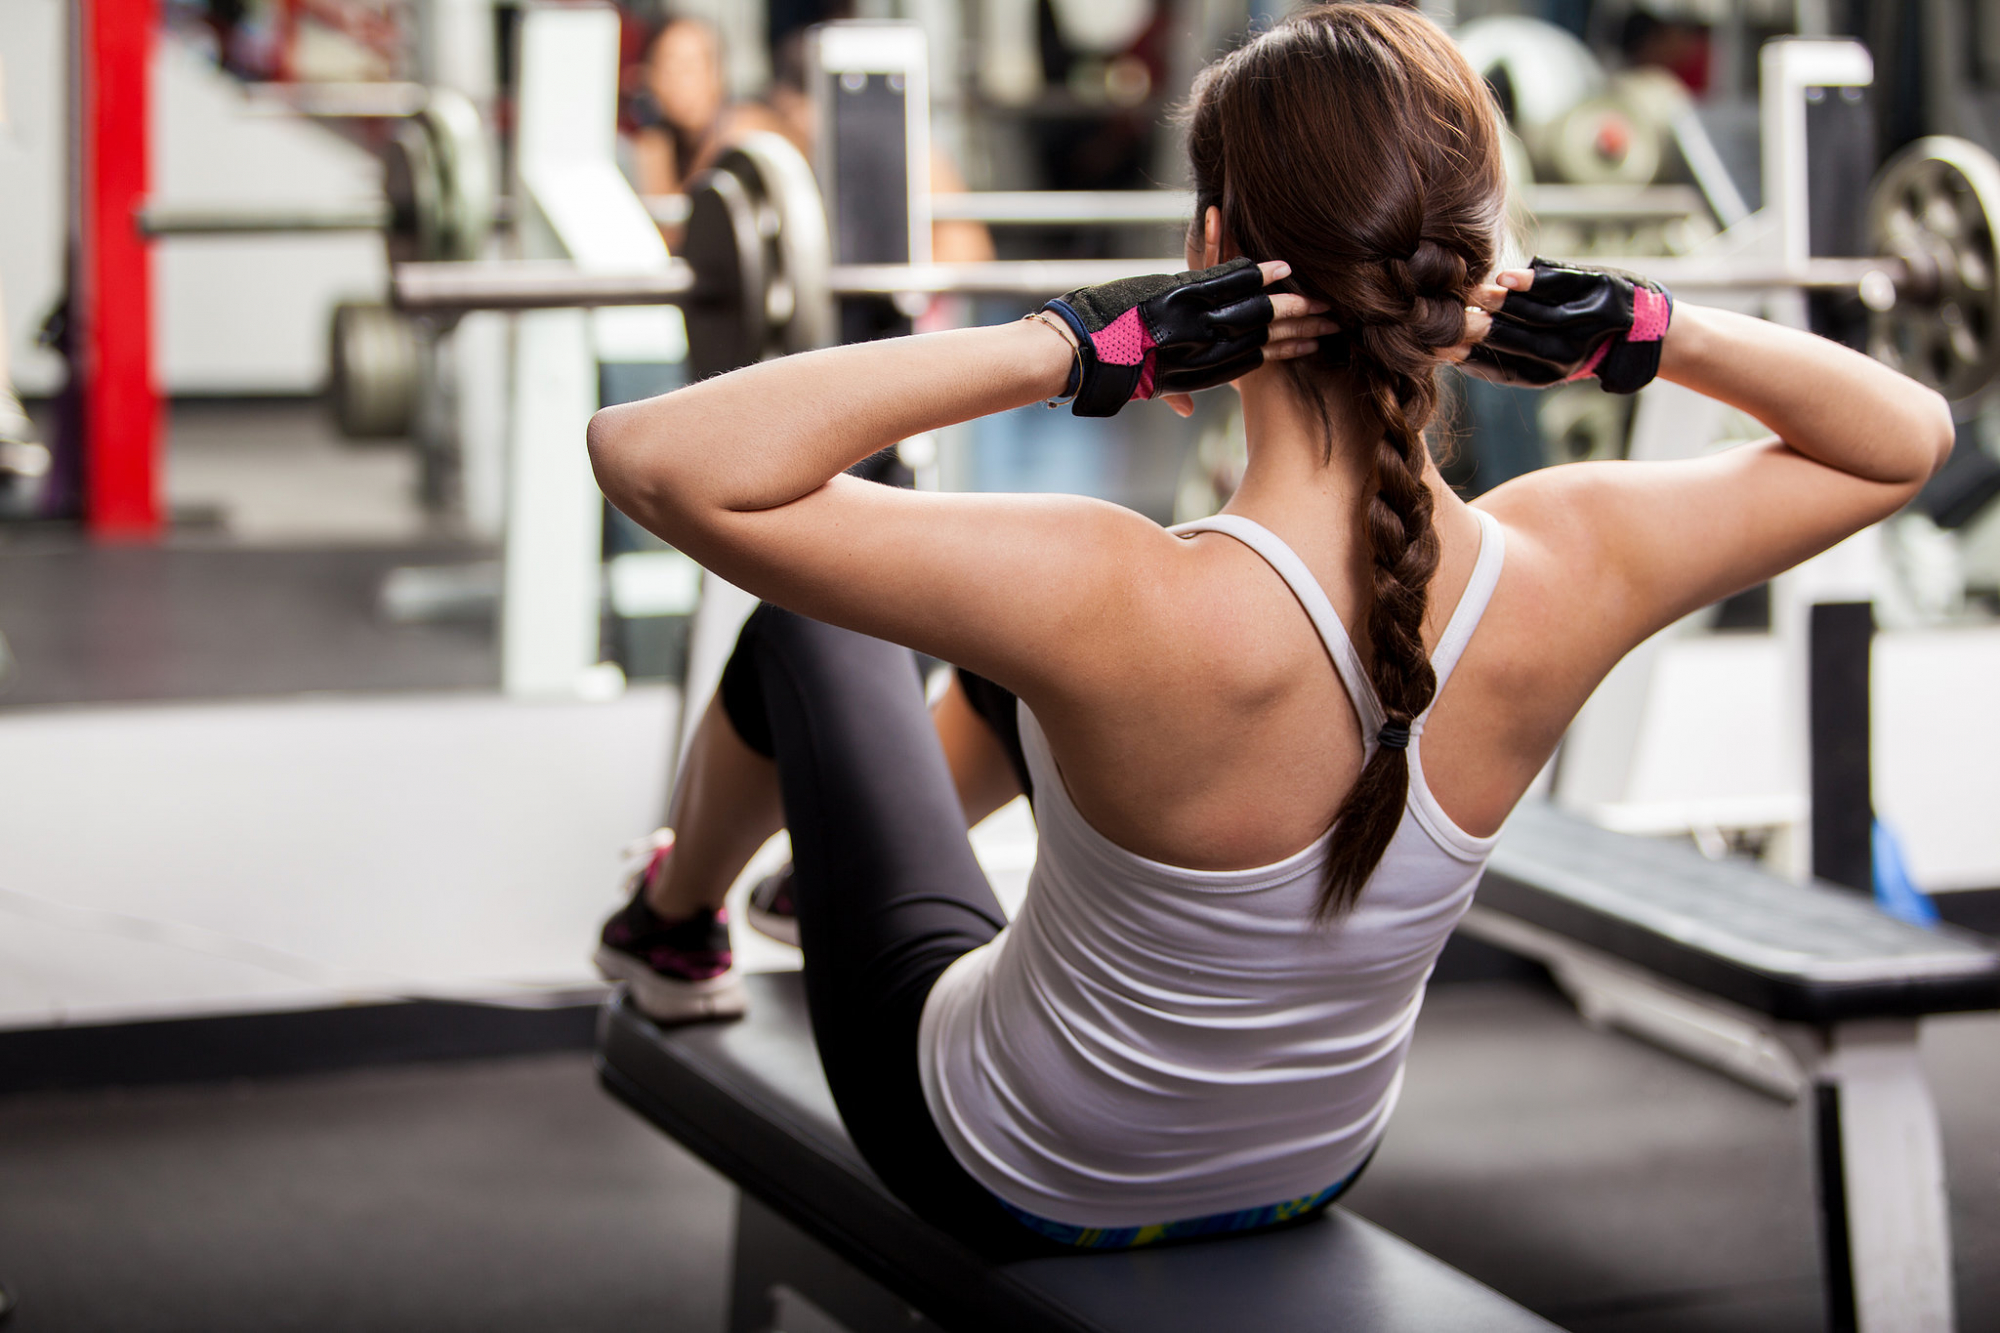 Tất tần tật những điều về gym bạn chưa biết